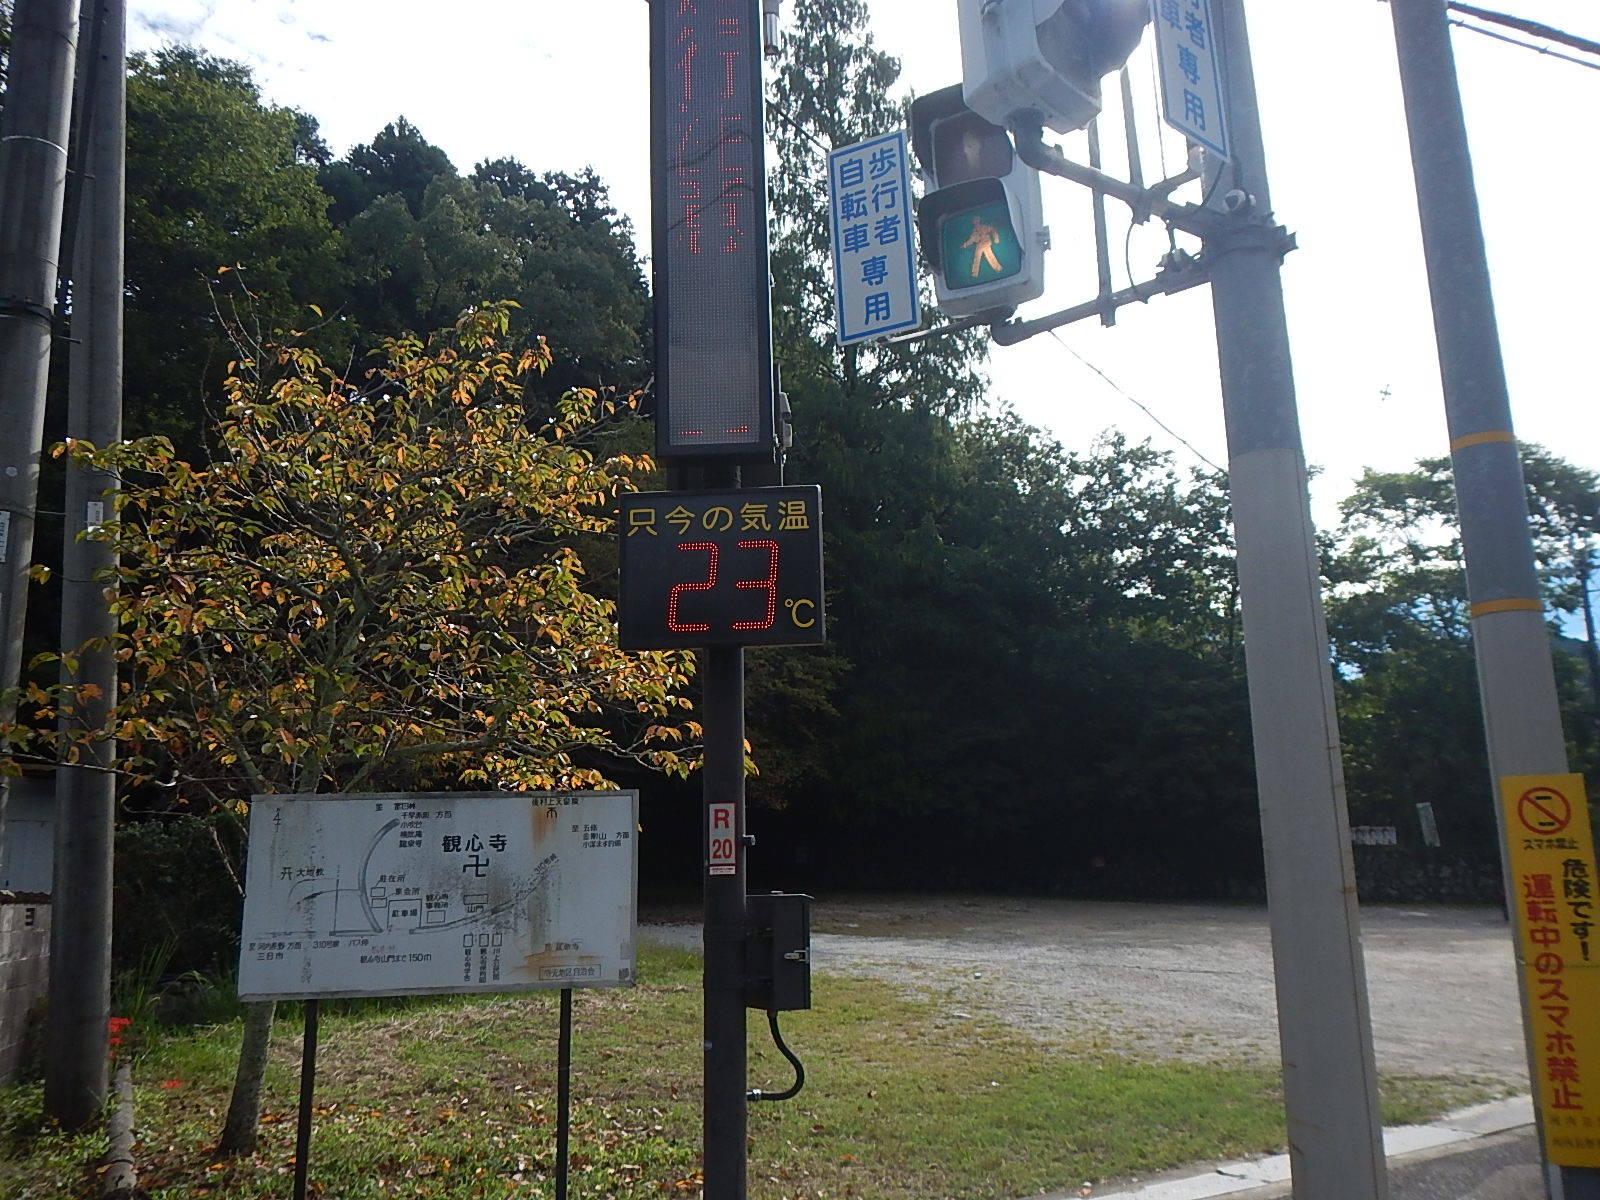 金剛トンネル~ヤムヤム~どんづる峯 コース_a0386742_09192023.jpg